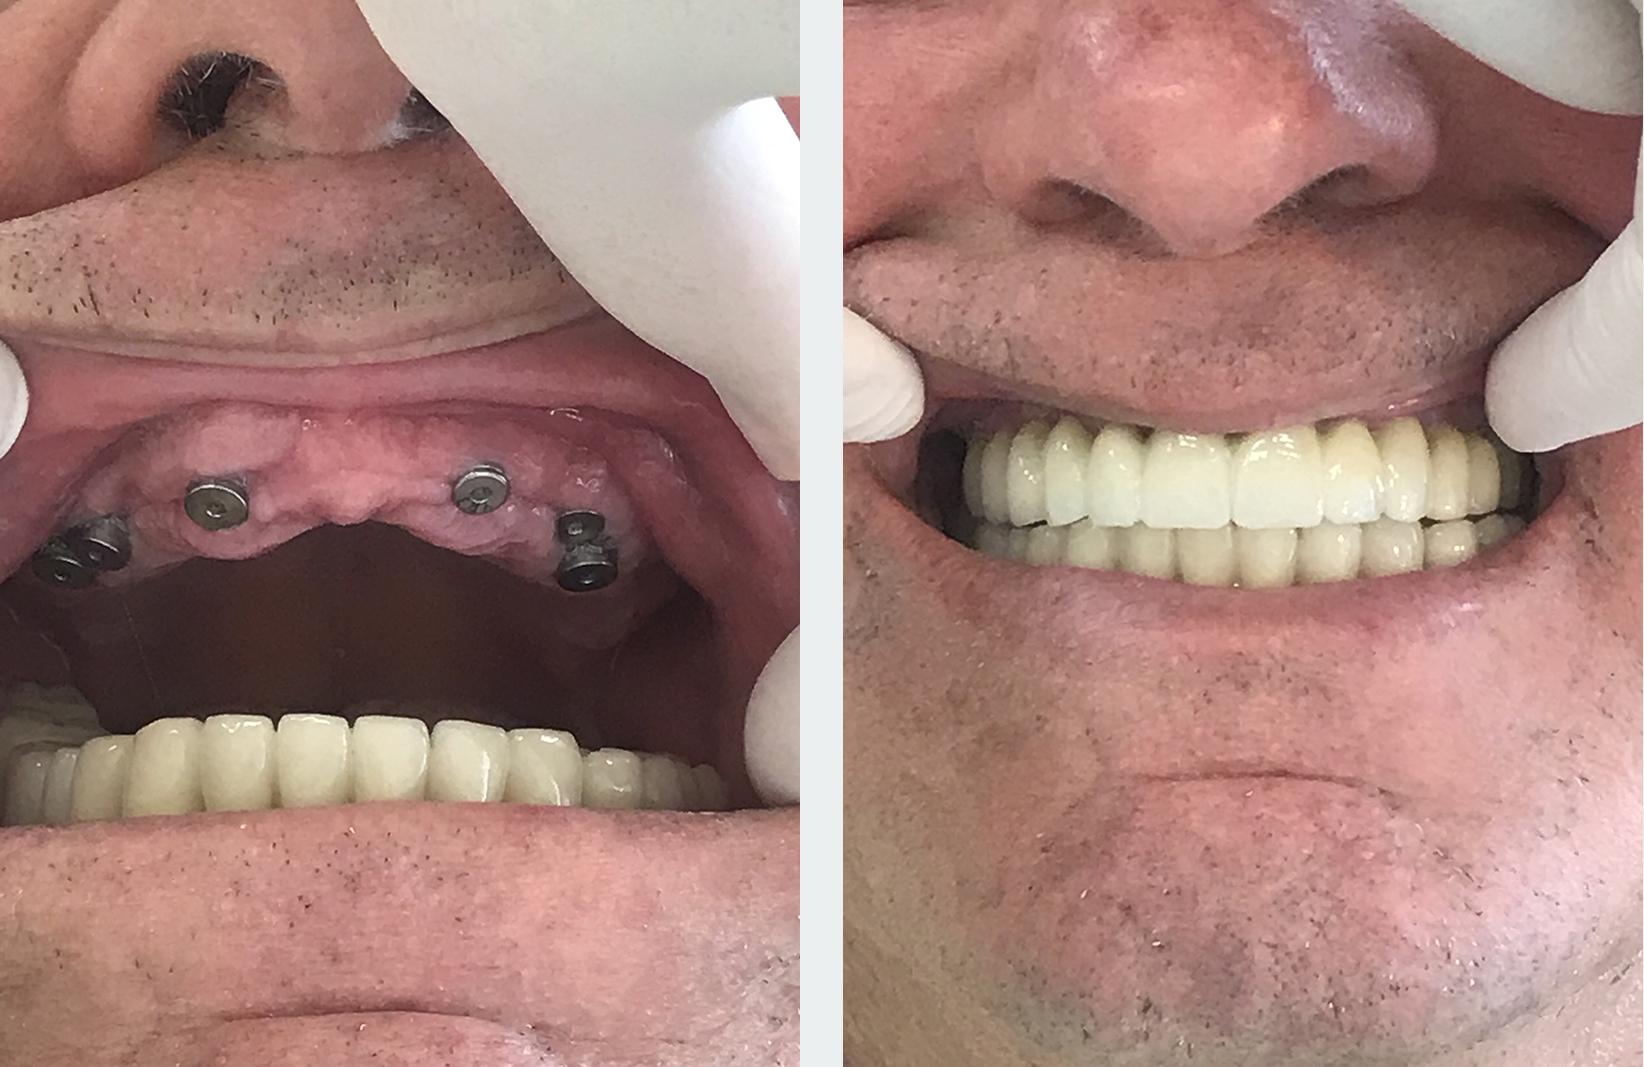 εμφυτεύματα δοντιών 8 εικόνα